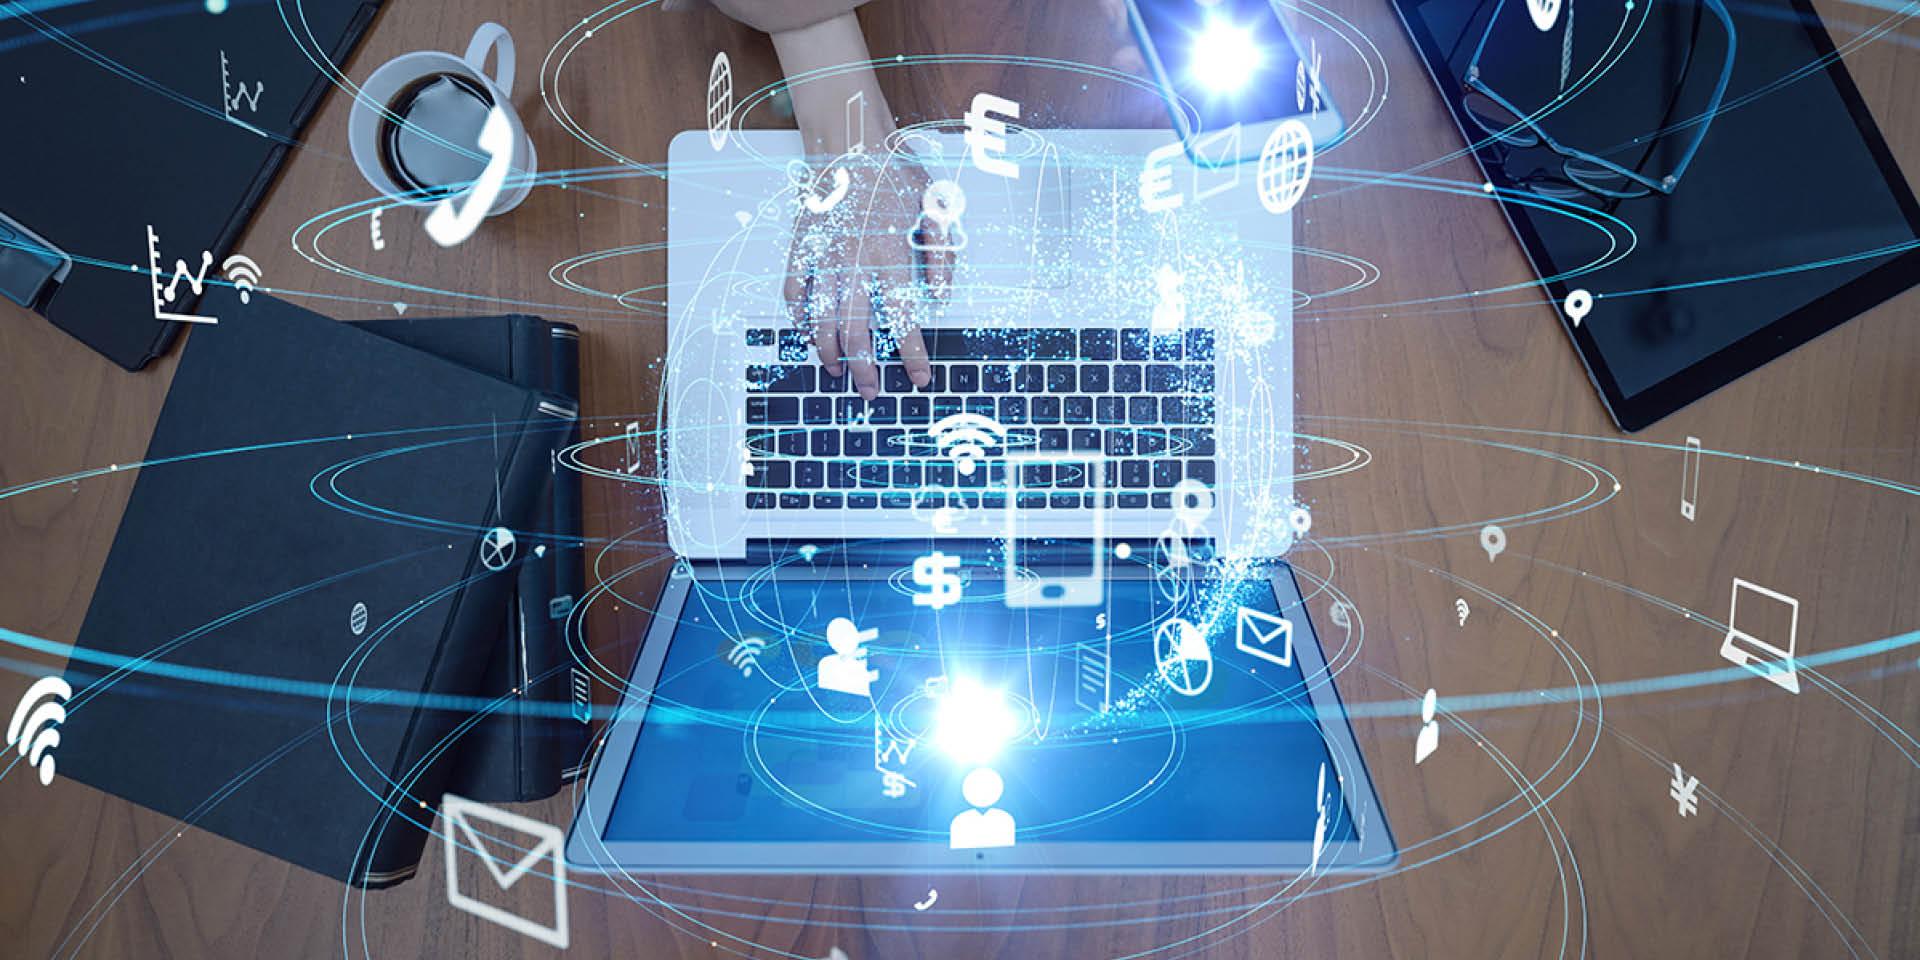 Eine grafische Darstellung aller Datenmengen und Strahlungen, die von einem Laptop ausgehen.